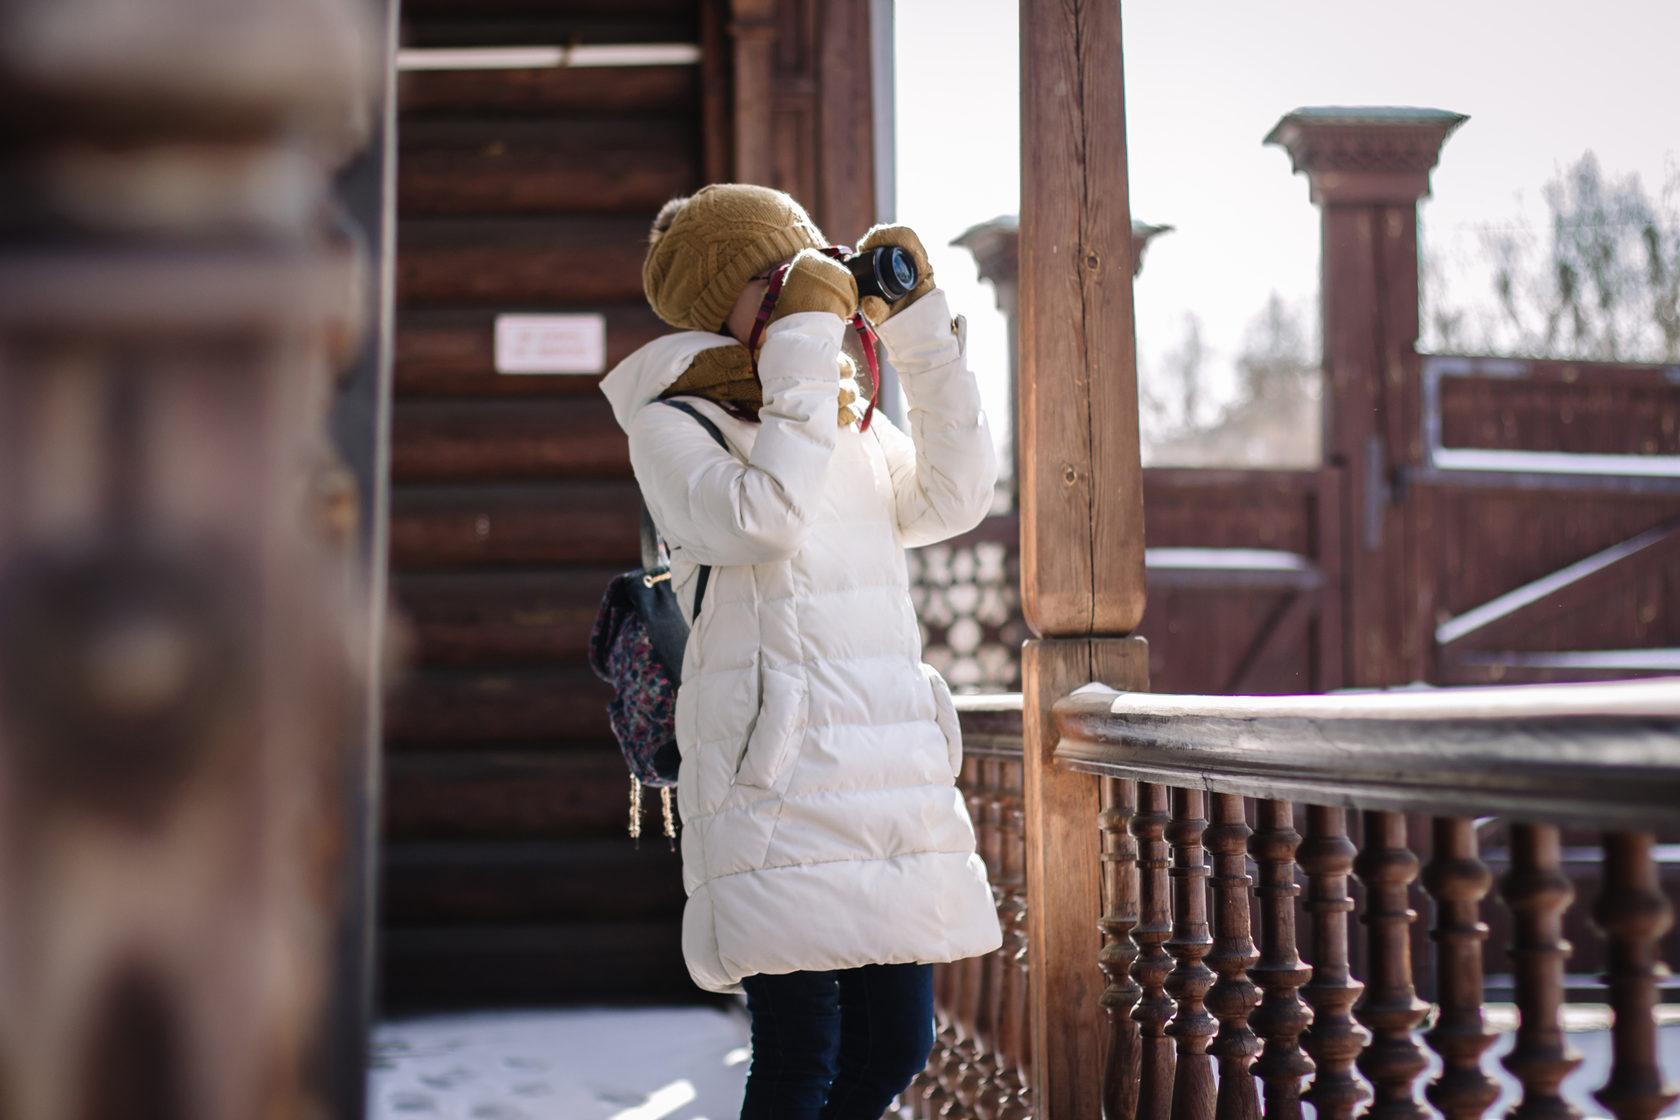 ламинат курсы начинающего фотографа в пушкине ройс это